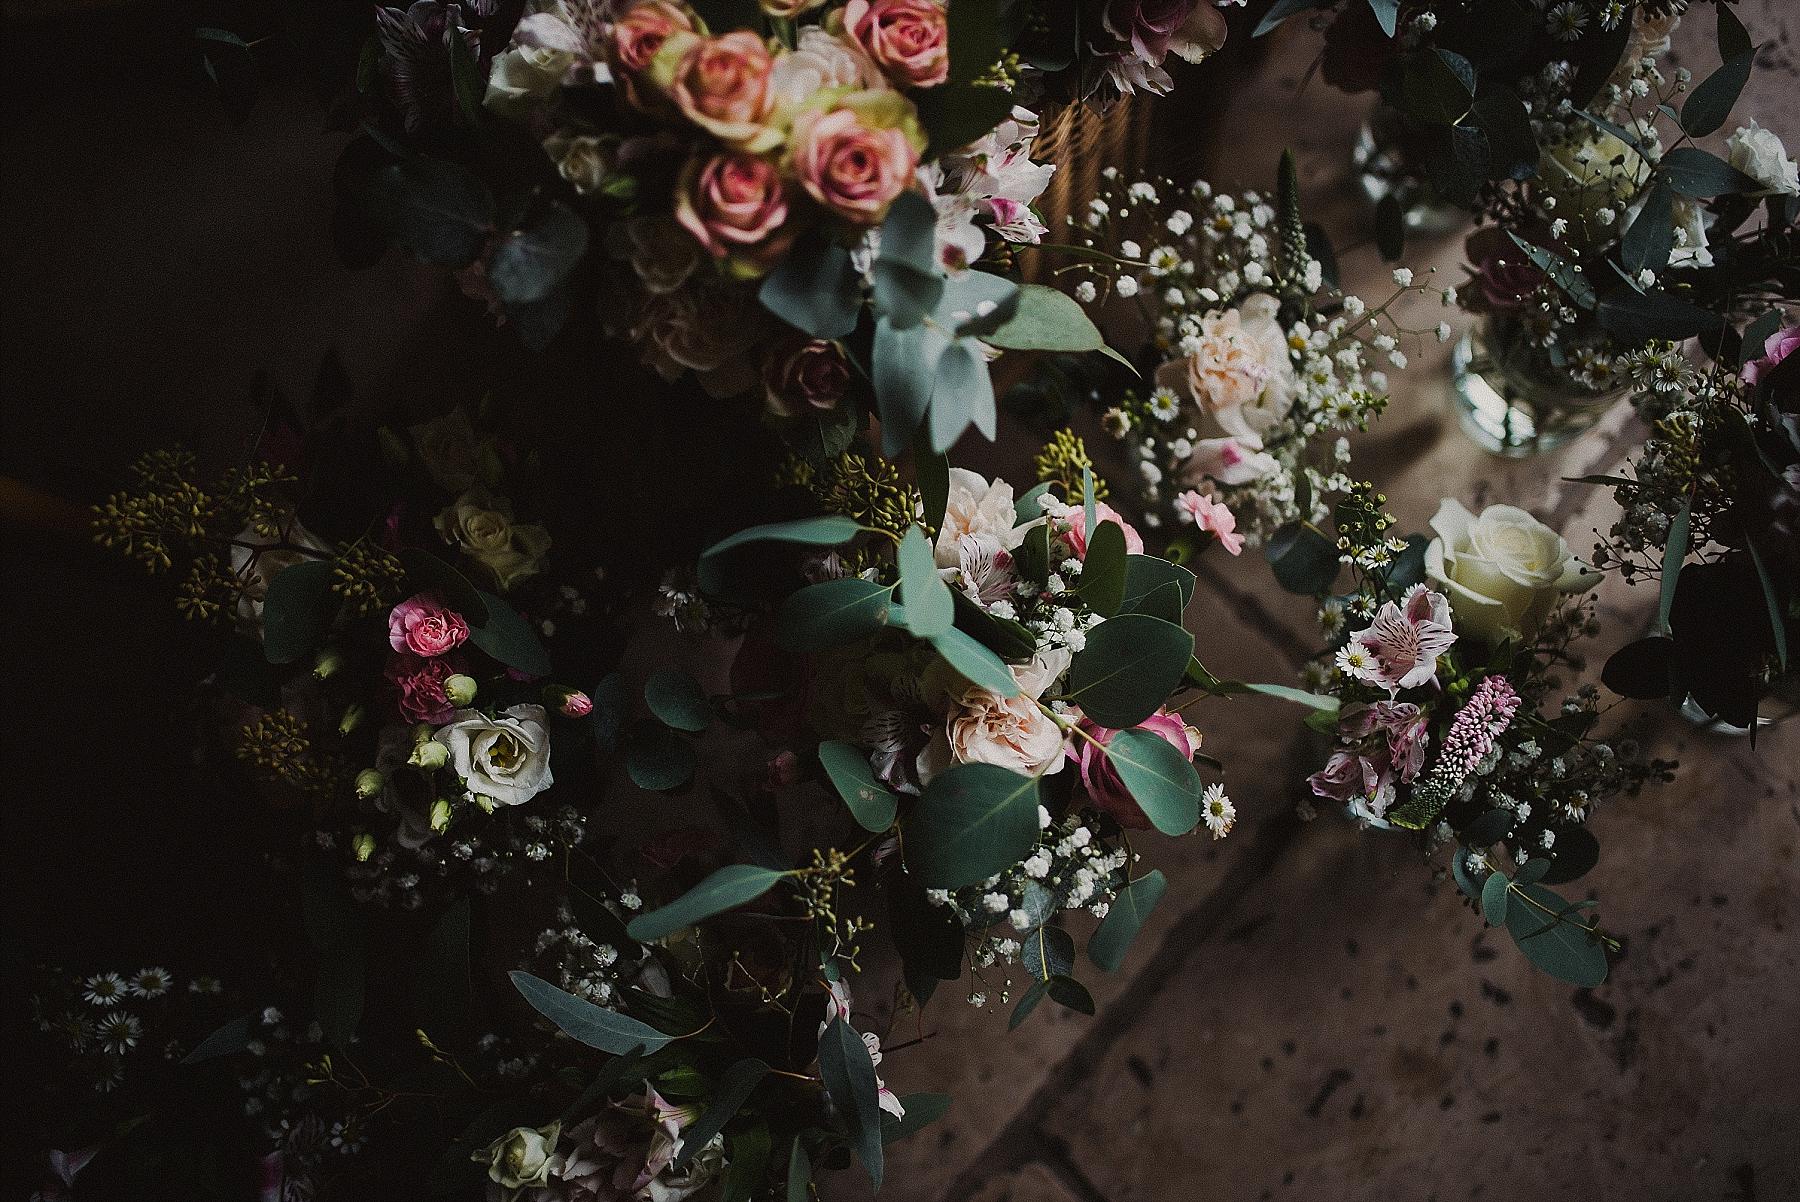 ROZ_RICH_curradine_wedding_0020.jpg